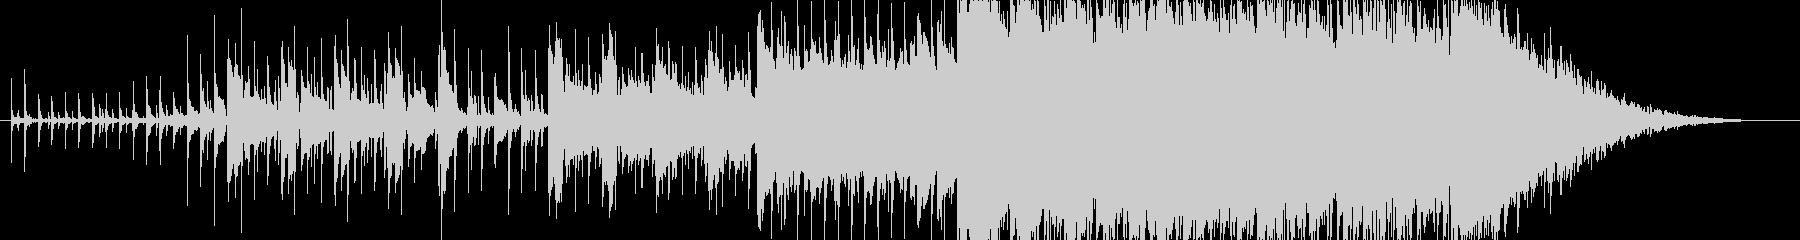 クレッシェンド、プログレッシブイン...の未再生の波形